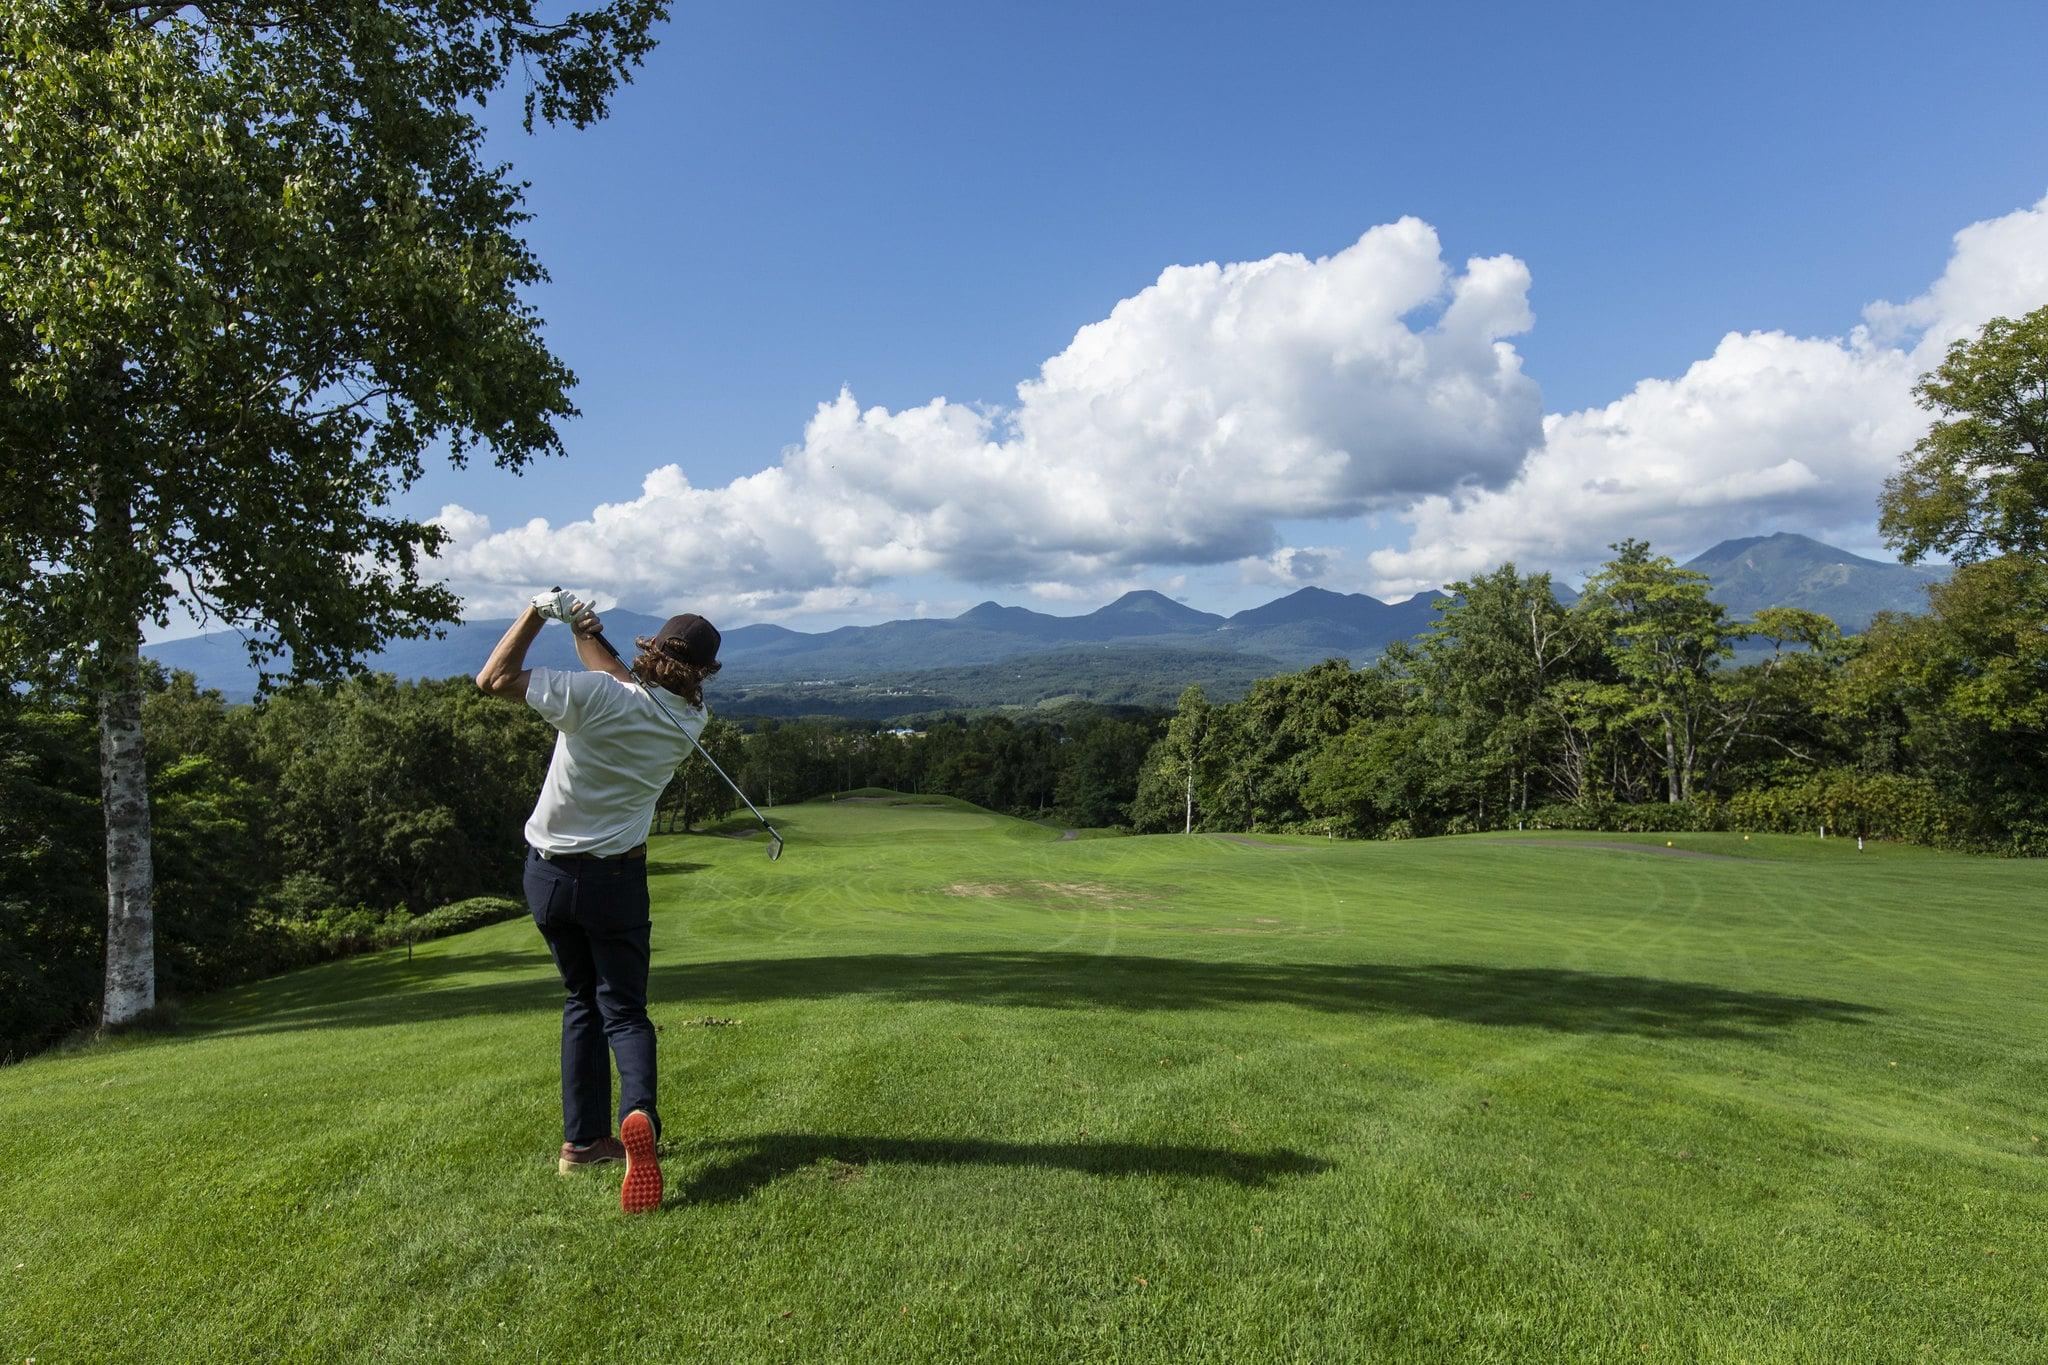 ニセコビレッジゴルフコース|正面に羊蹄山を望む、白樺とカラ松にセパレートされた洋芝が眩しいゴルフコース